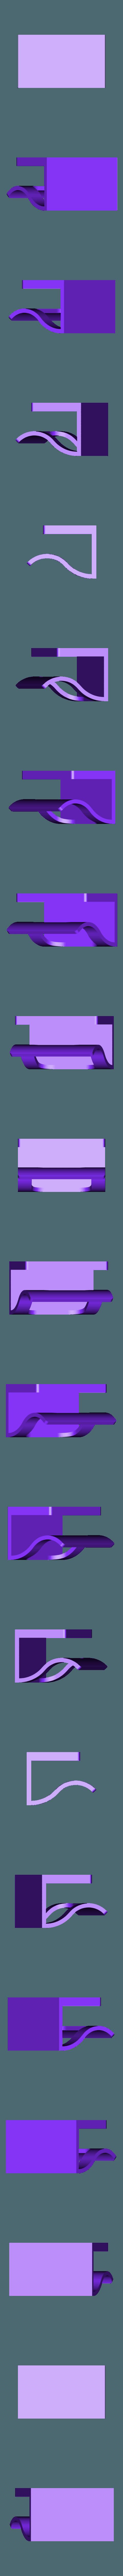 Webcam_hiding.stl Download STL file Webcam Hiding • 3D printable object, rdu